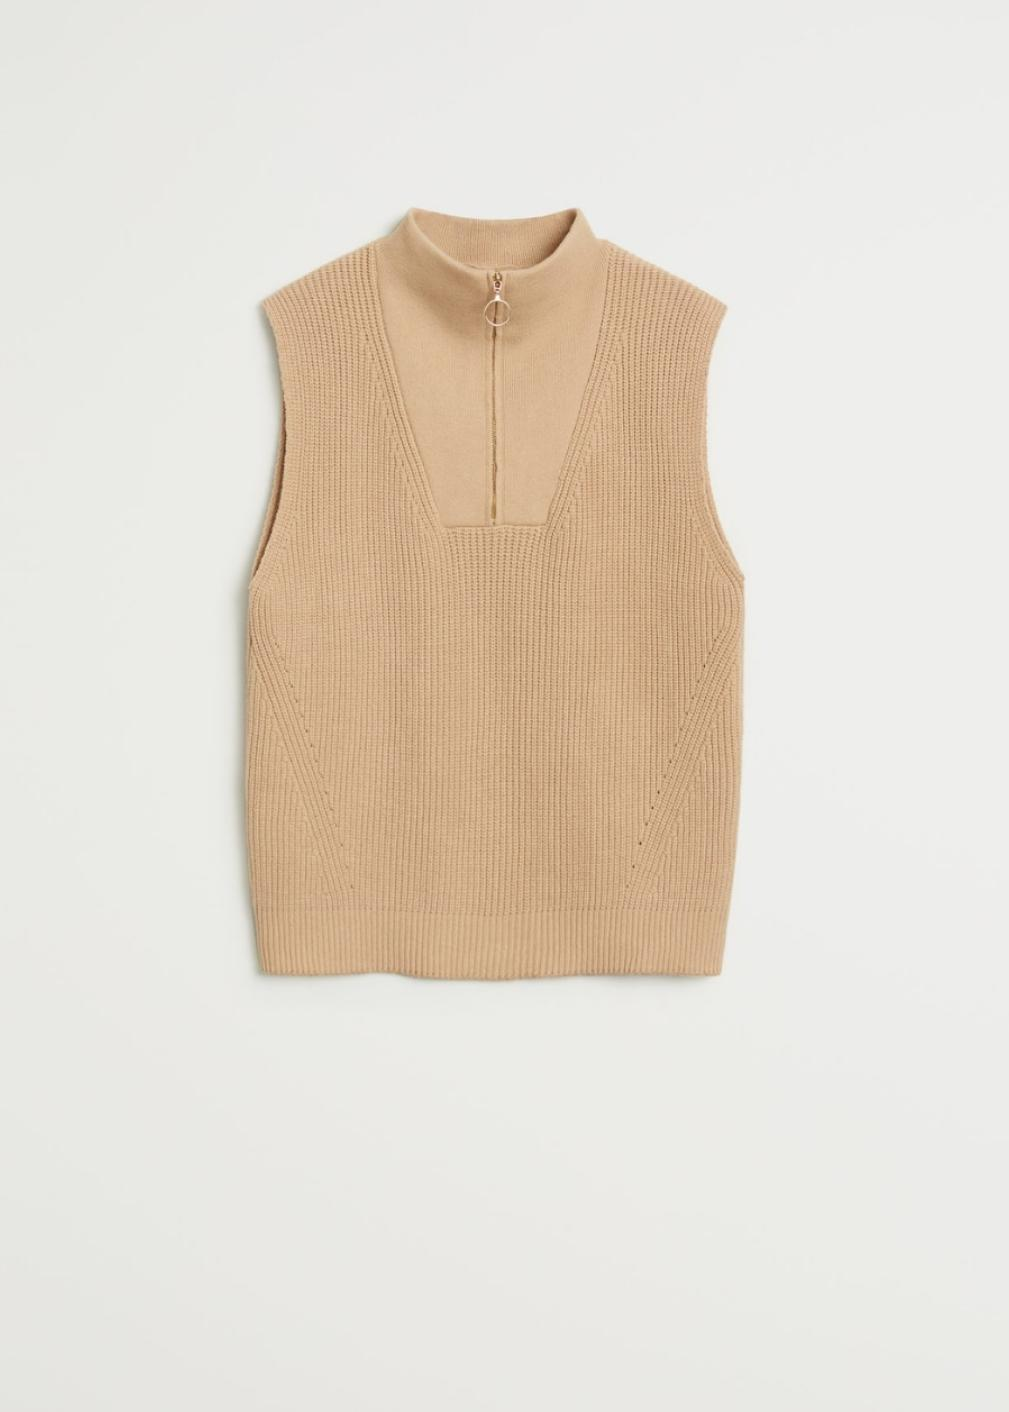 Chaleco de cuello perkins con cierre de cremallera, de Mango (29'99€)